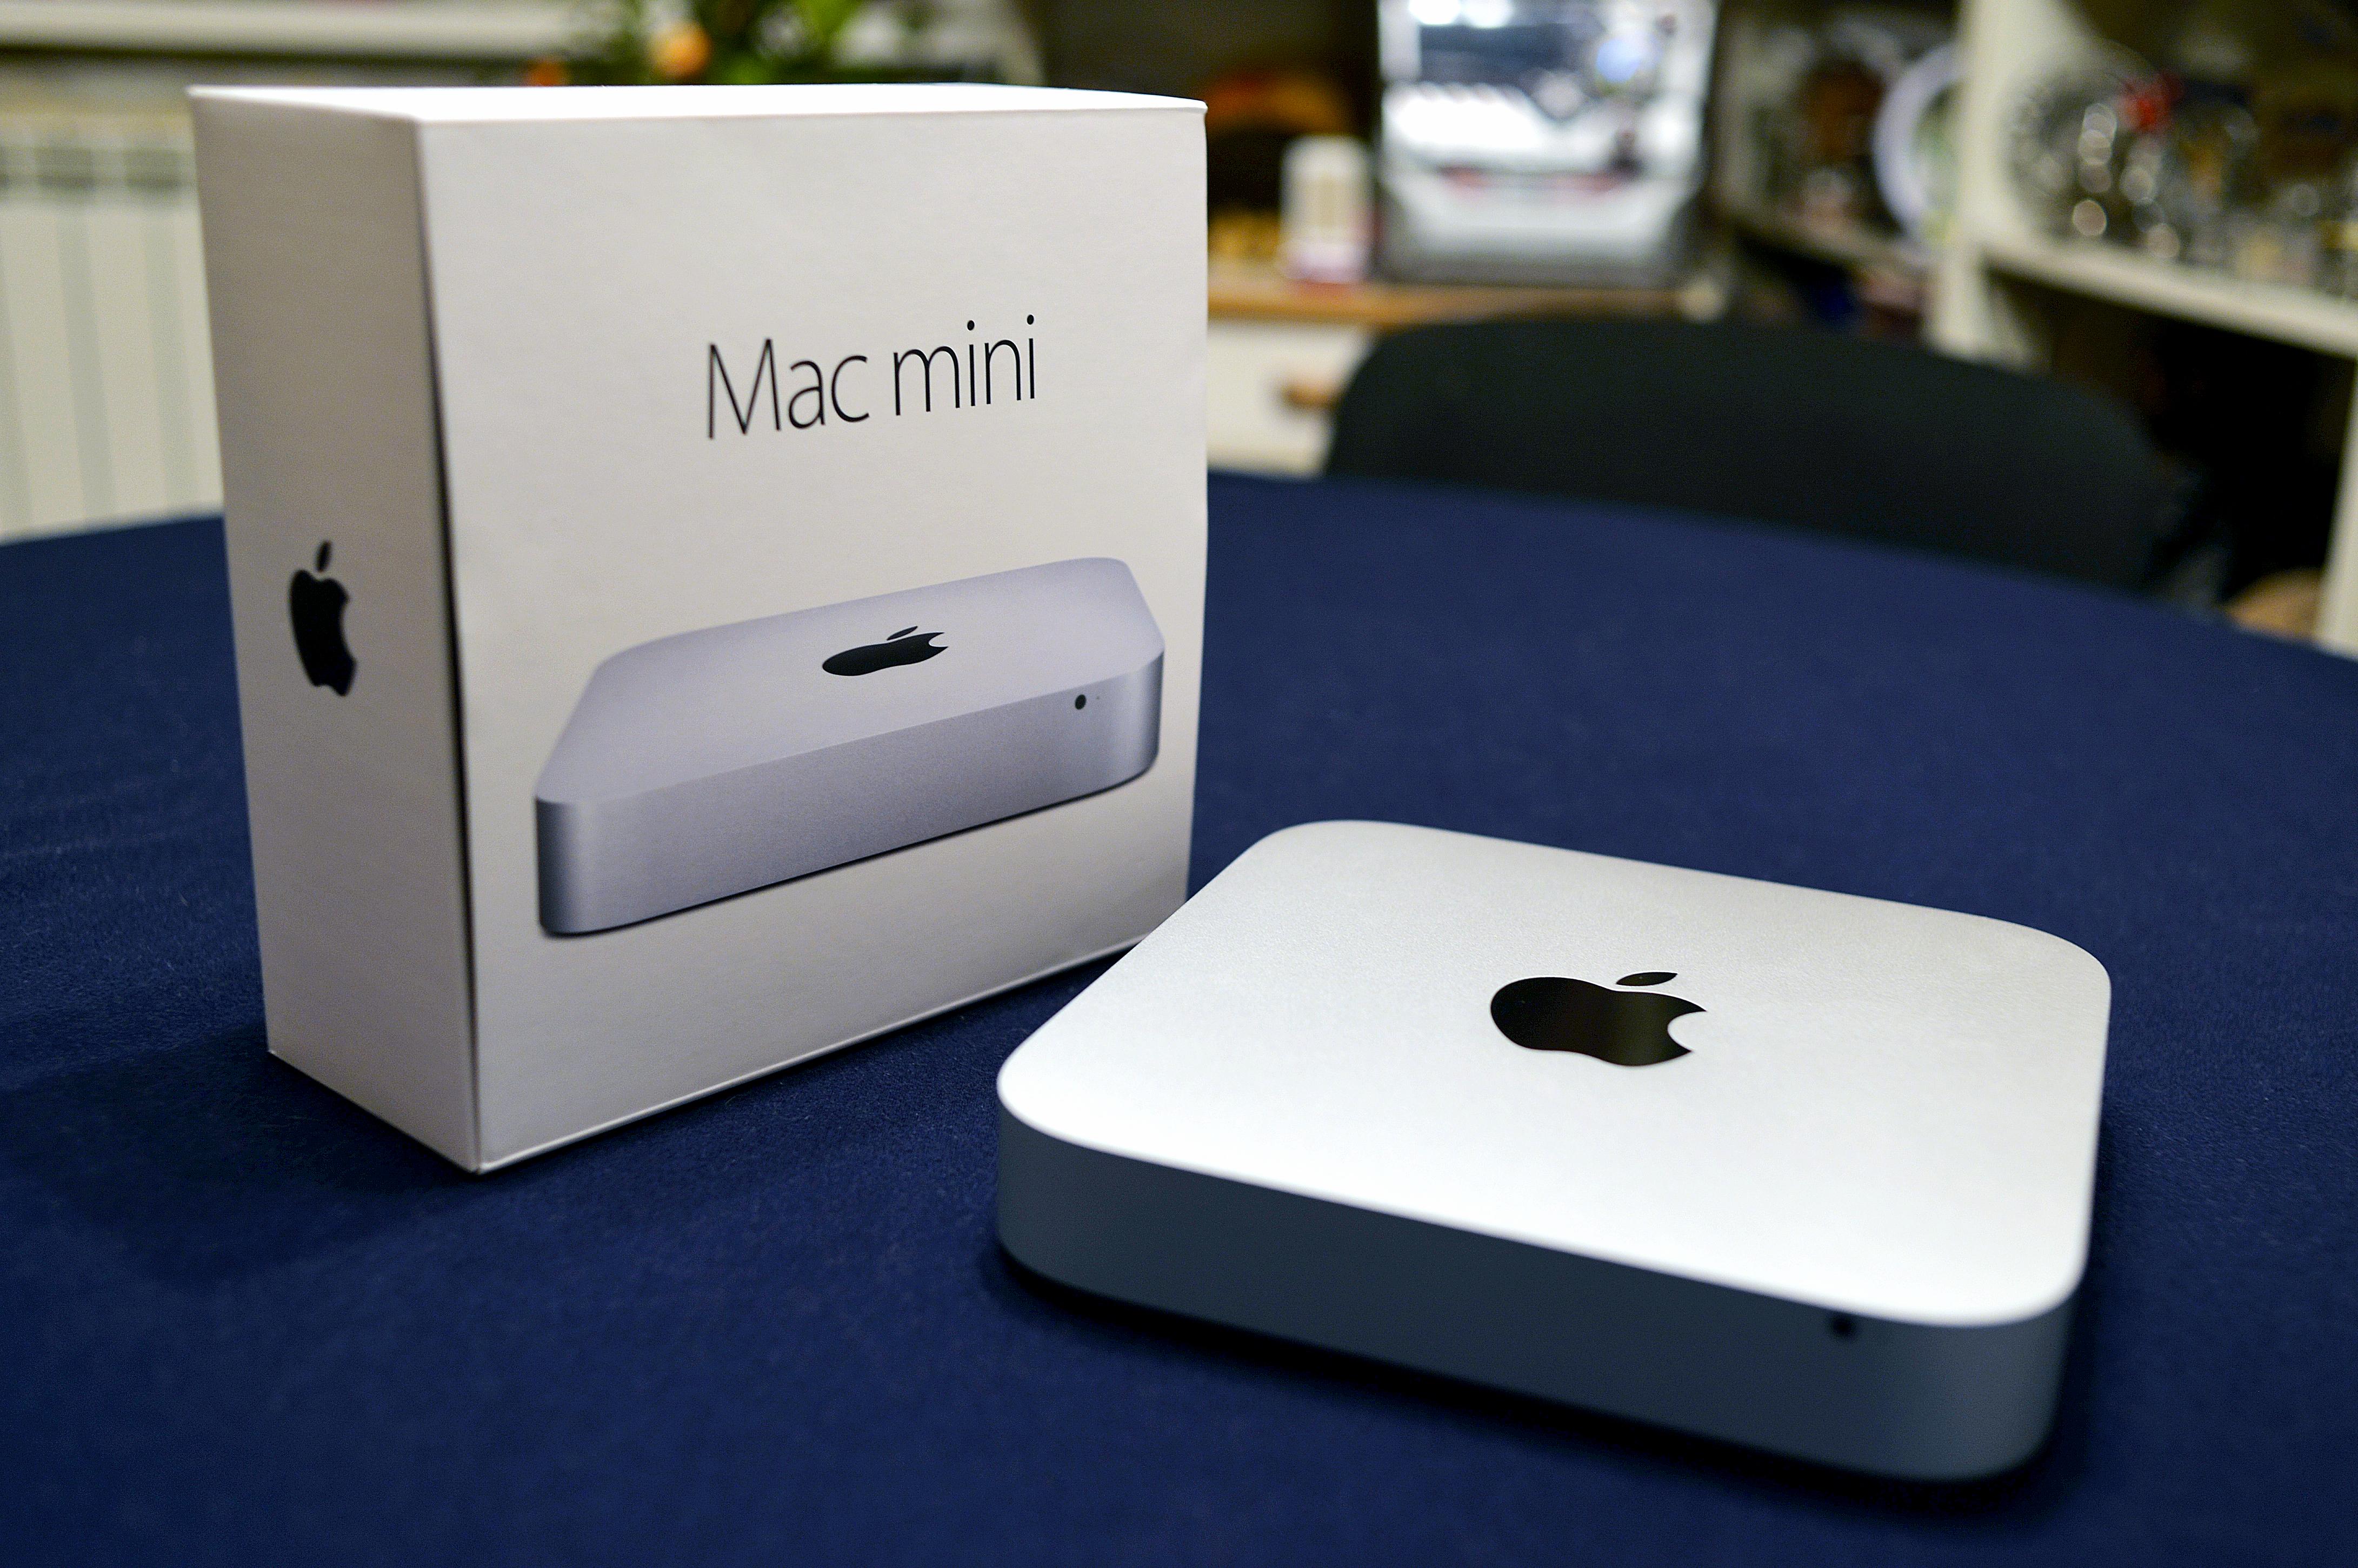 Обзор и опыт использования Mac mini (2014) спустя две недели